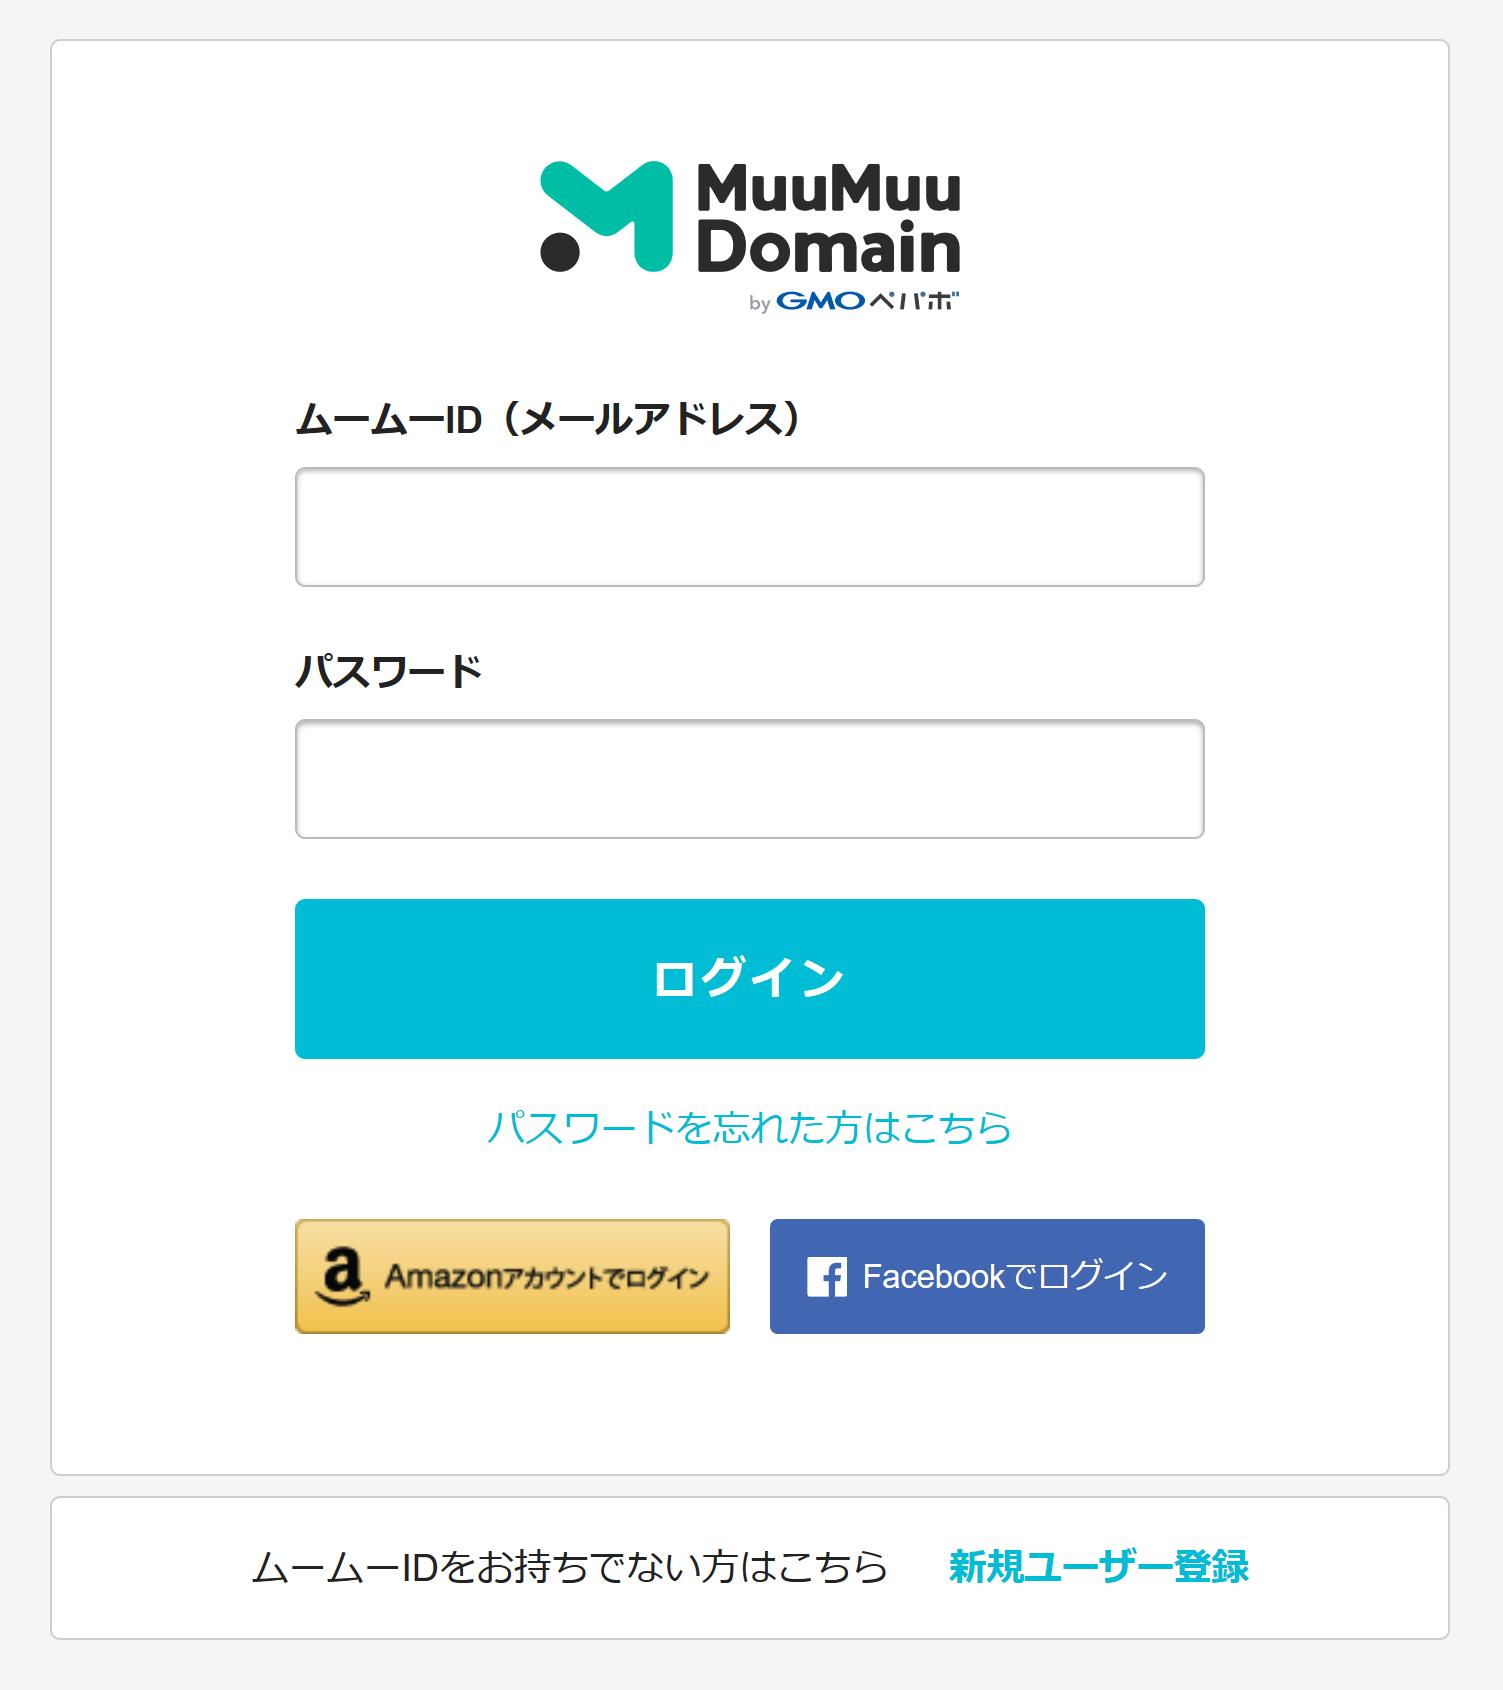 ムームードメインのログイン画面